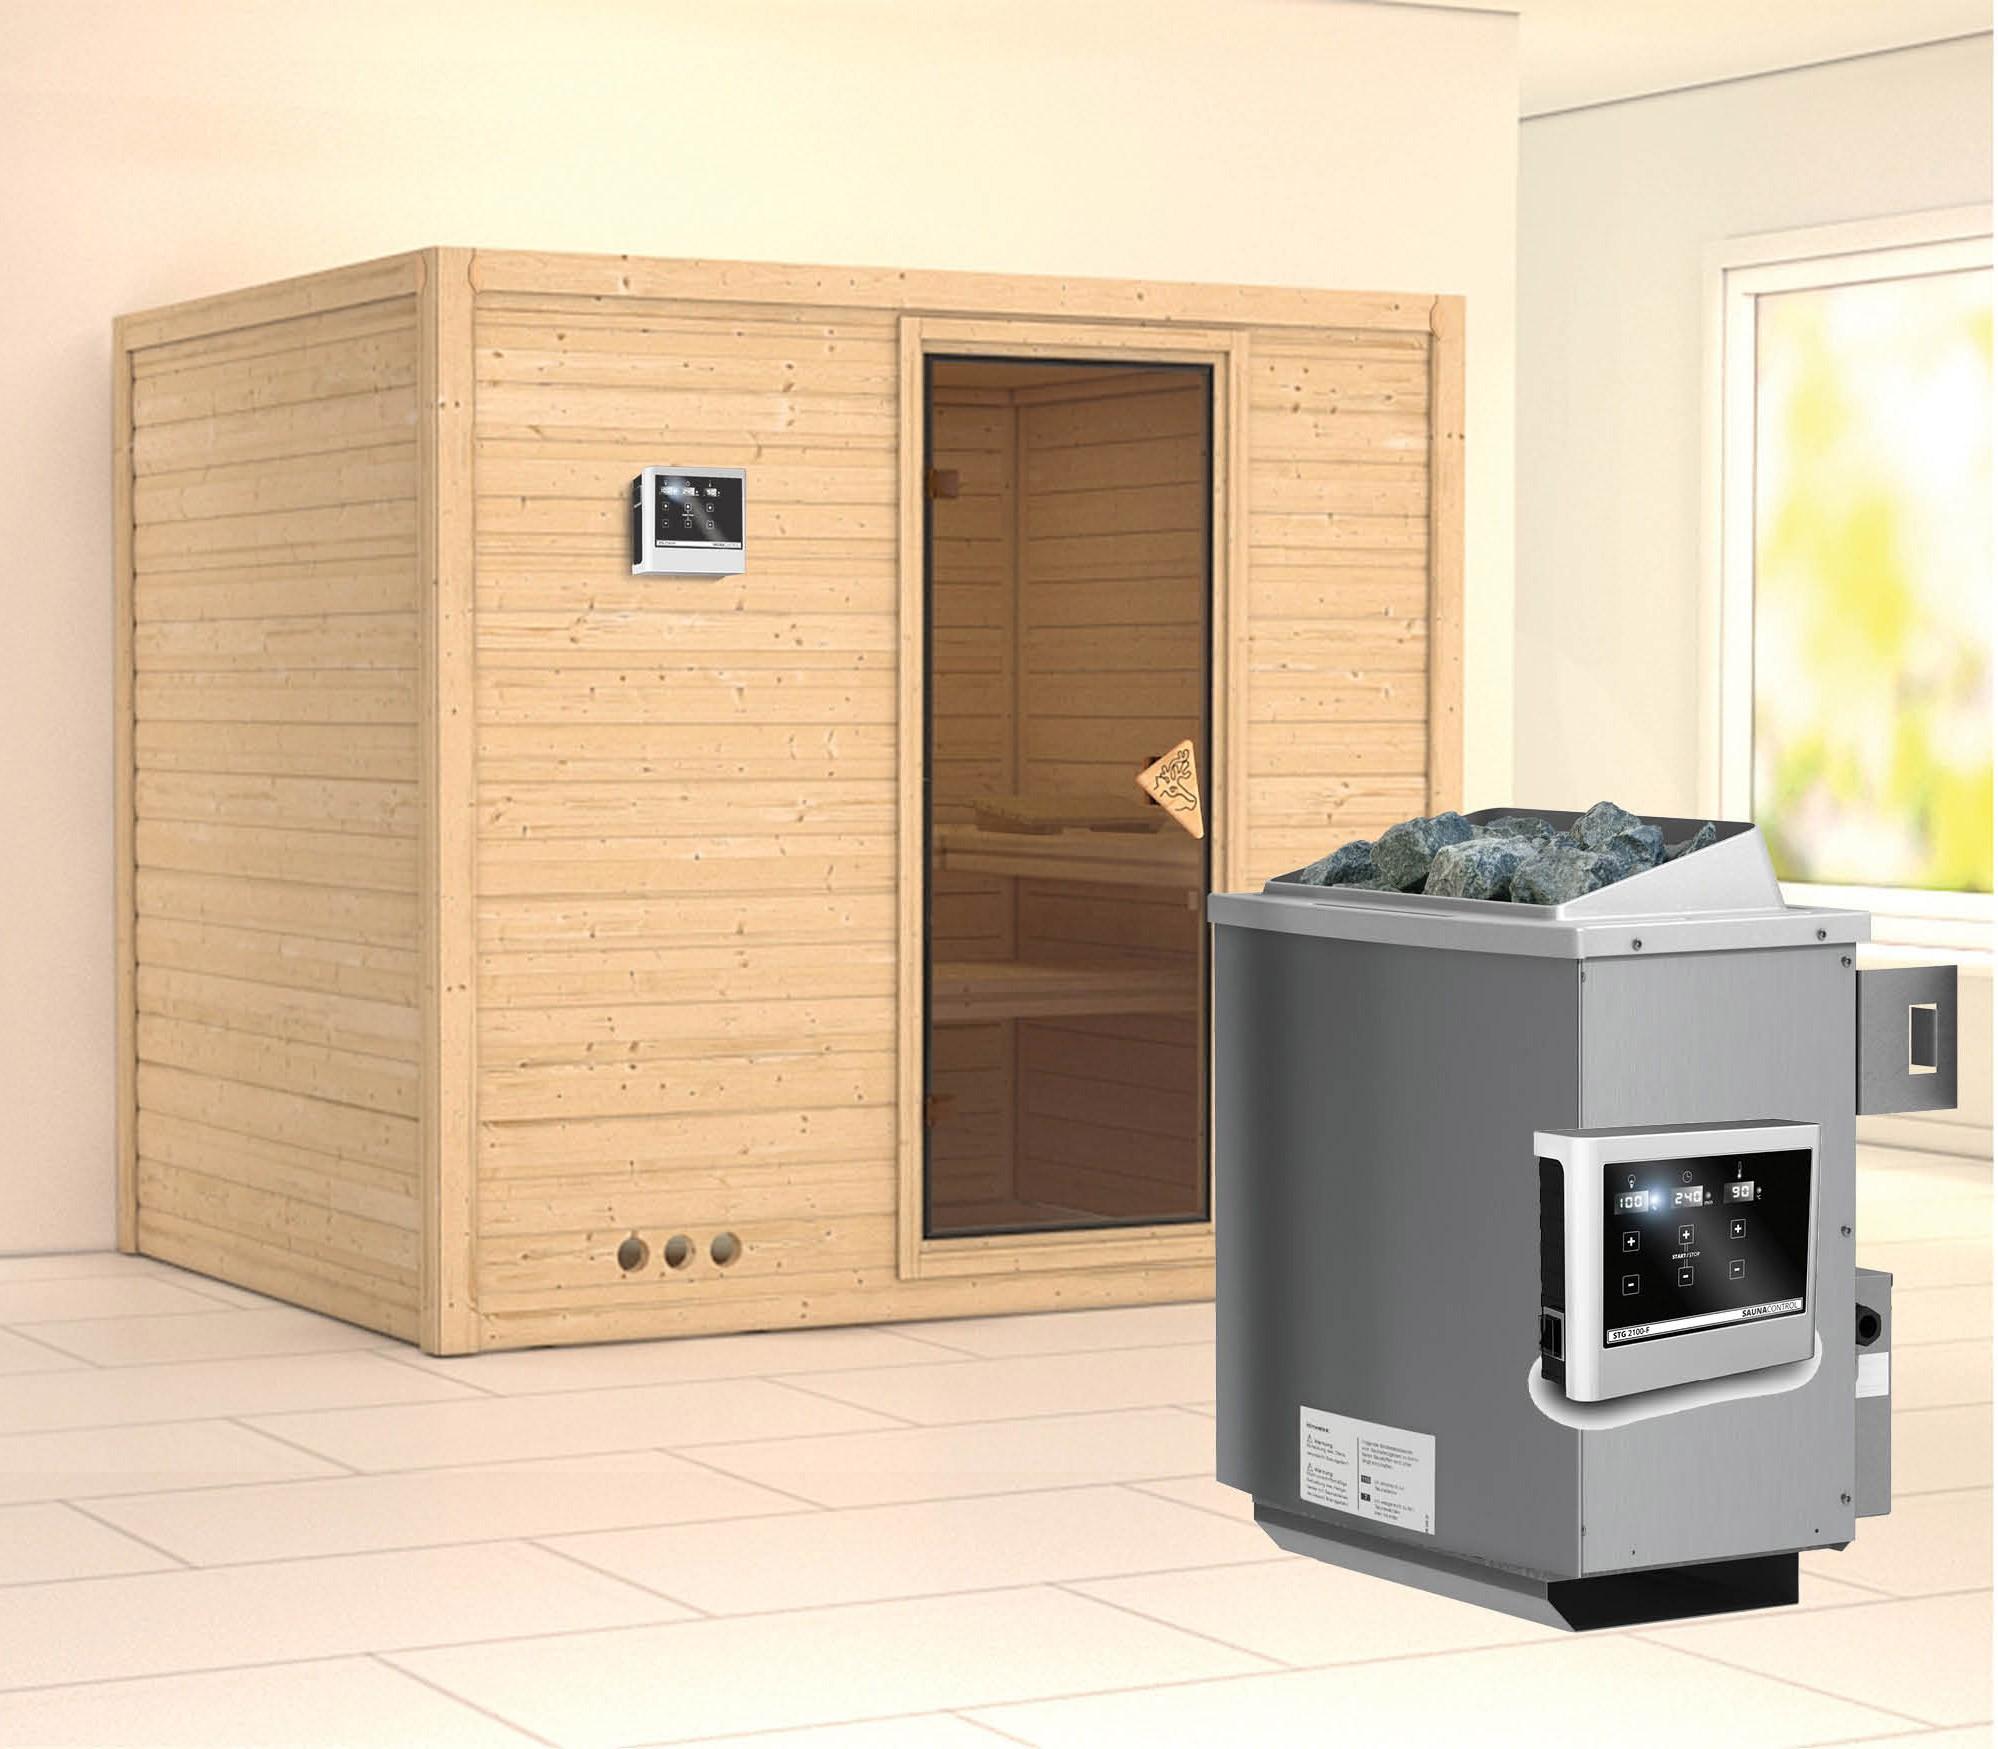 karibu sauna sonara 40mm mit ofen 9kw extern bei. Black Bedroom Furniture Sets. Home Design Ideas